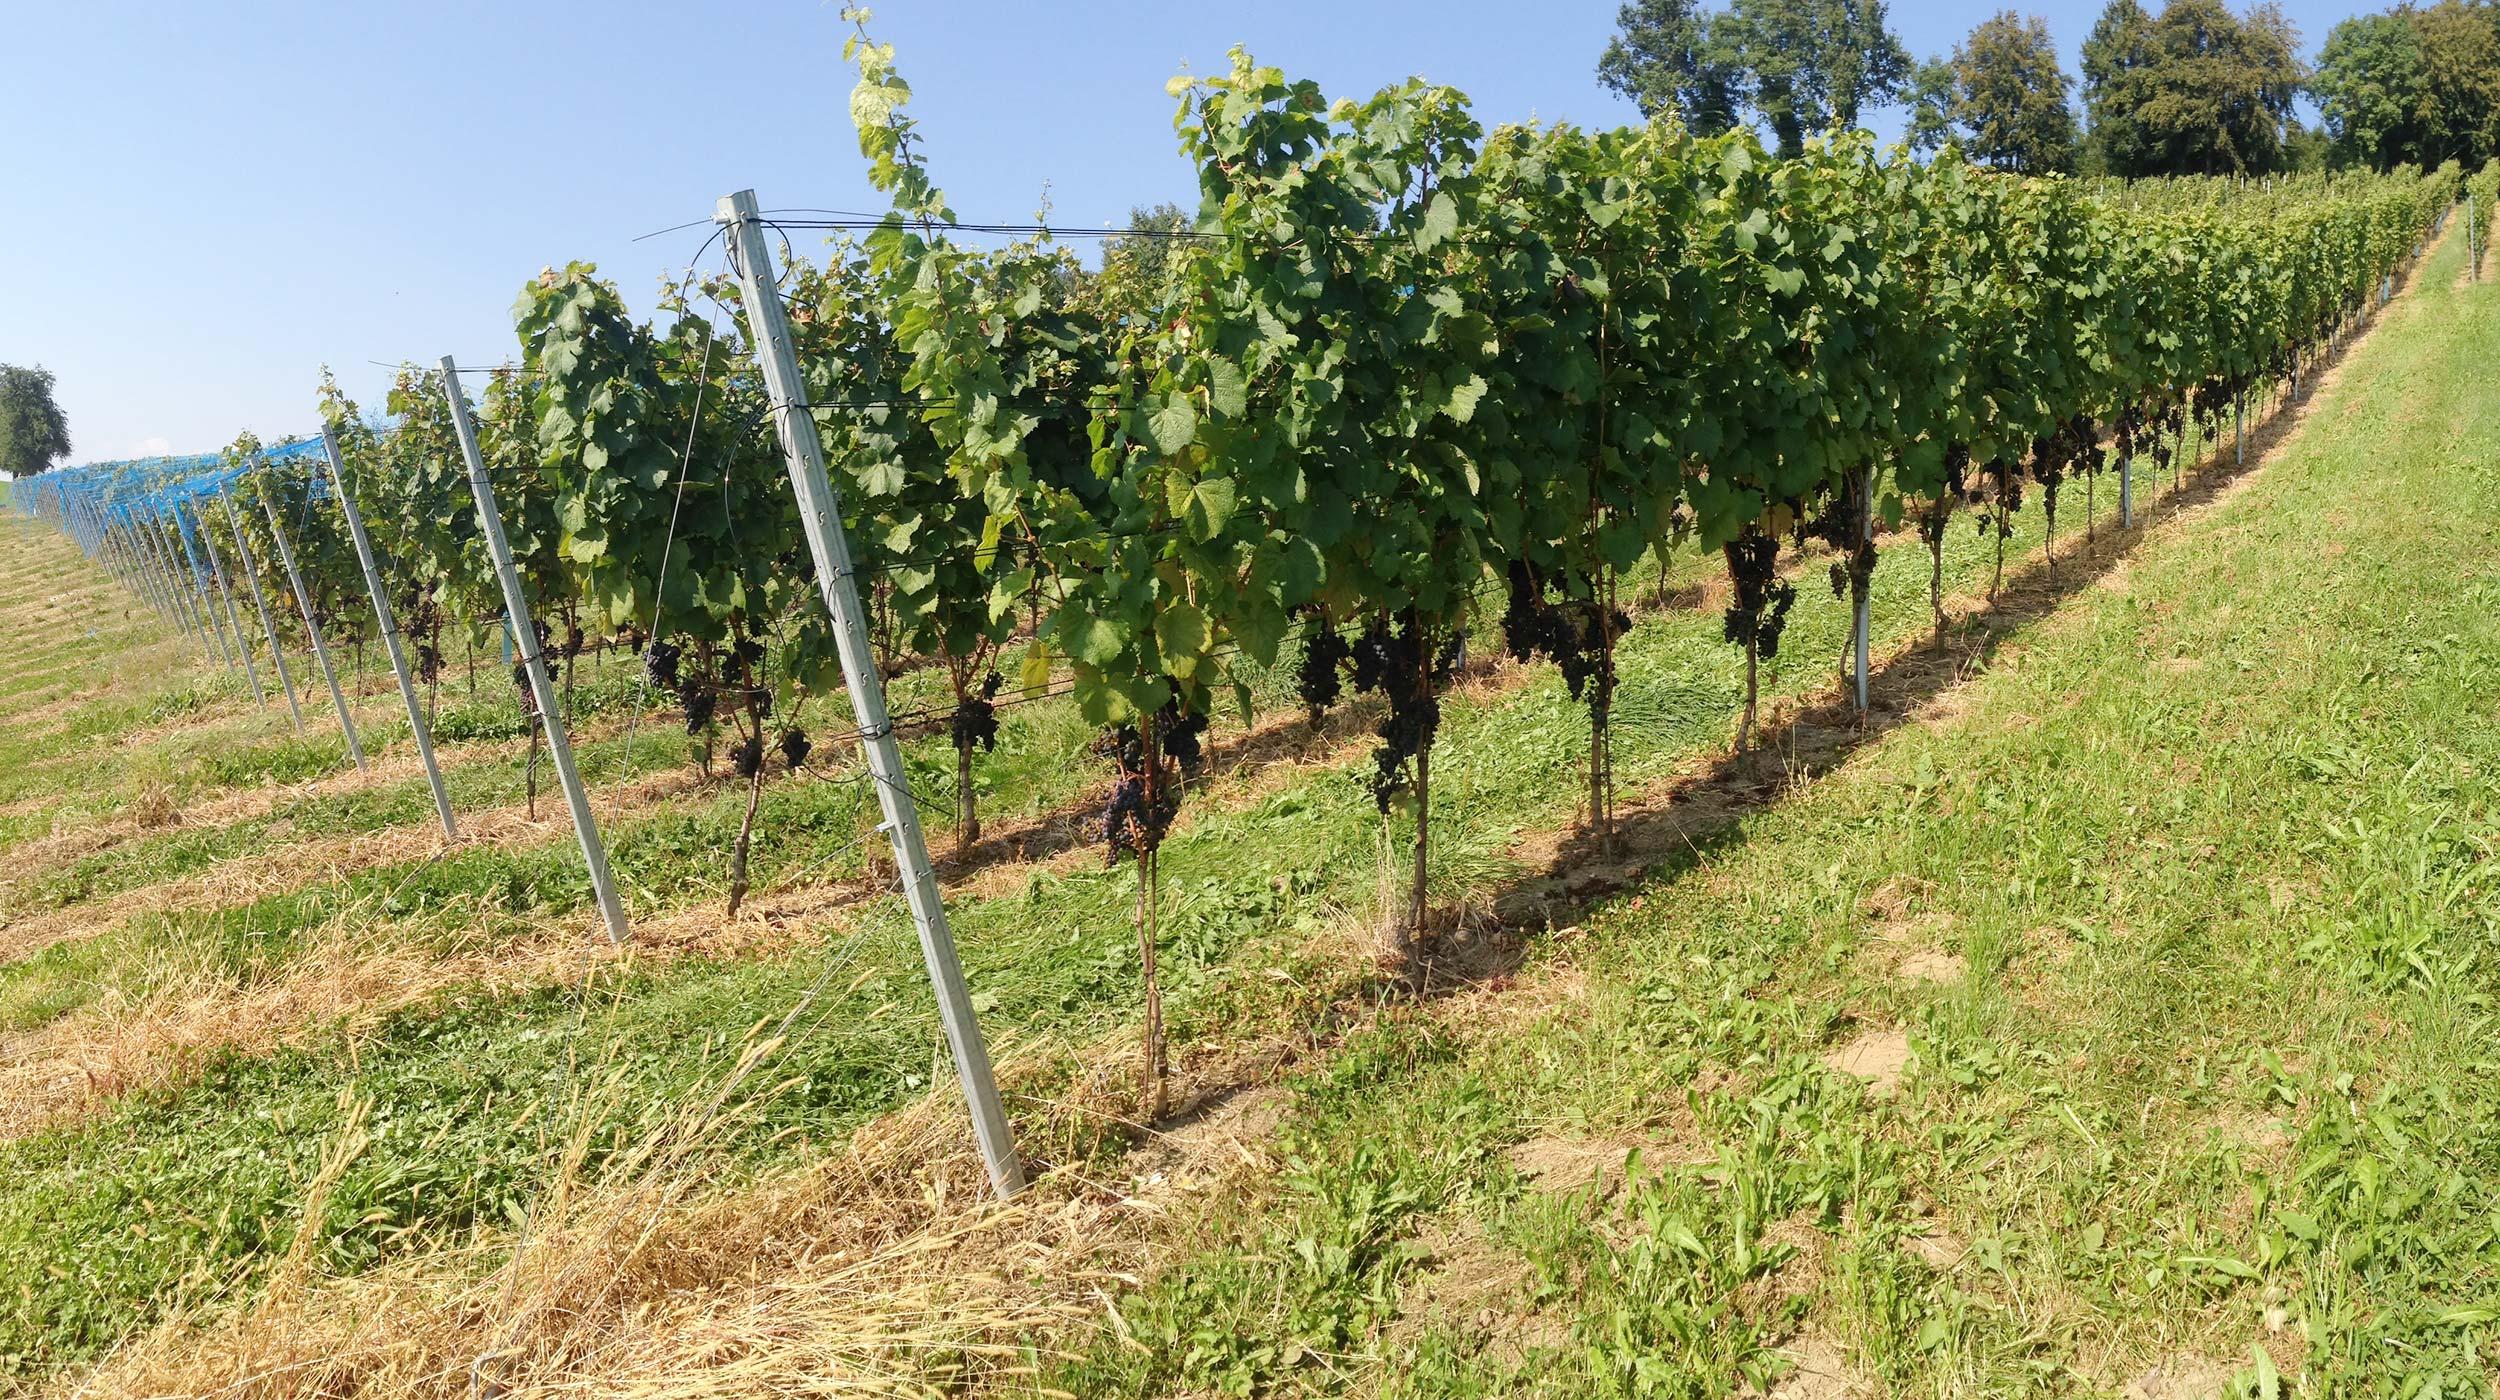 Rebanlage Rebe Weinbau Weinanbau Längle